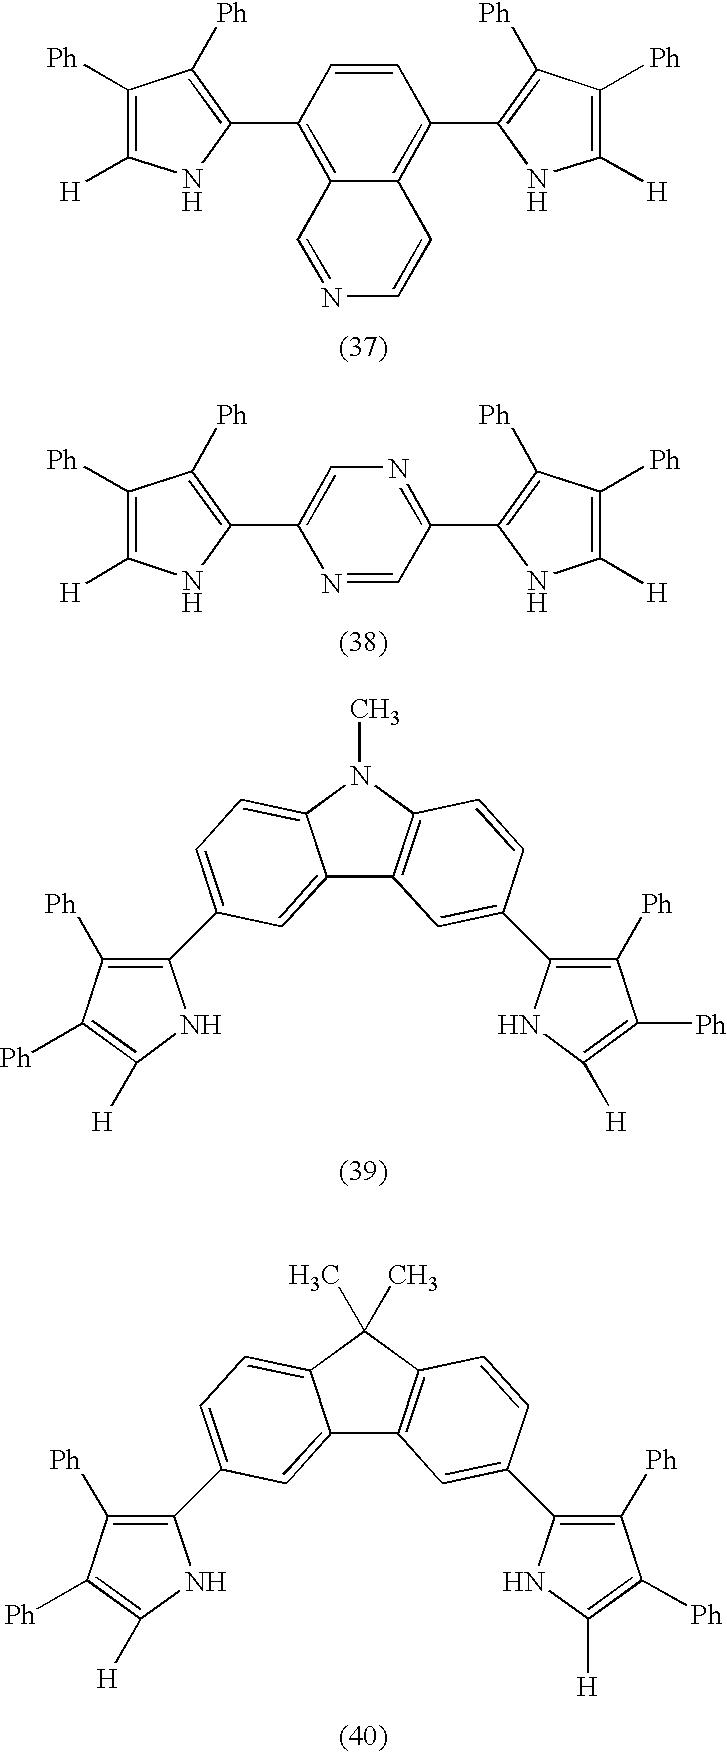 Figure US07871714-20110118-C00013